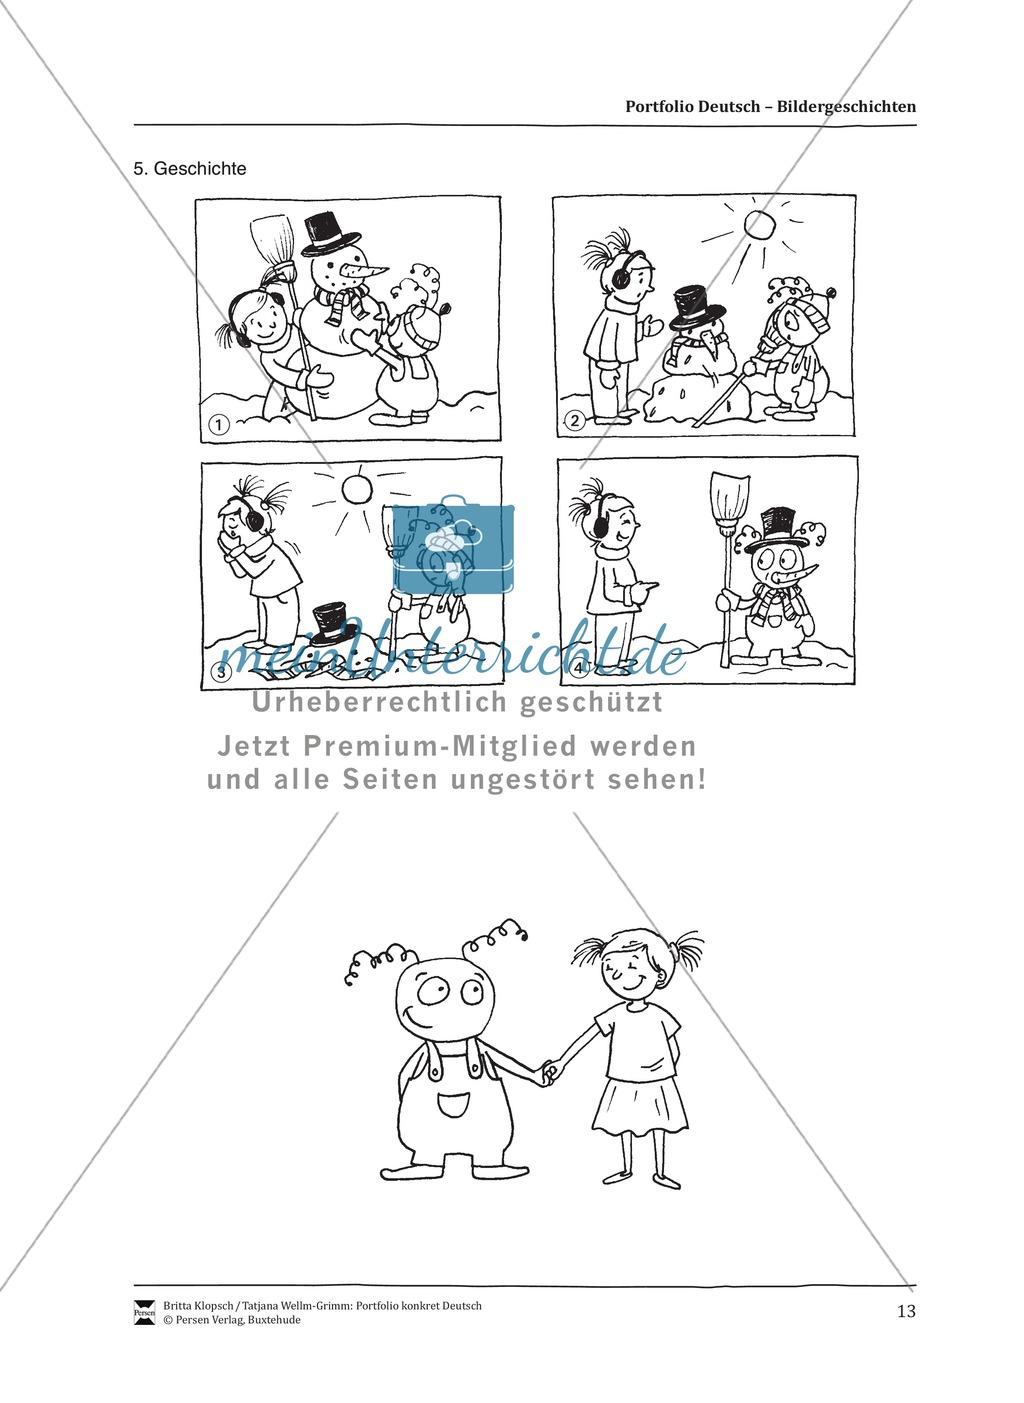 Kopiervorlagen für Aufsatzerziehung am Beispiel Bildergeschichte Preview 5